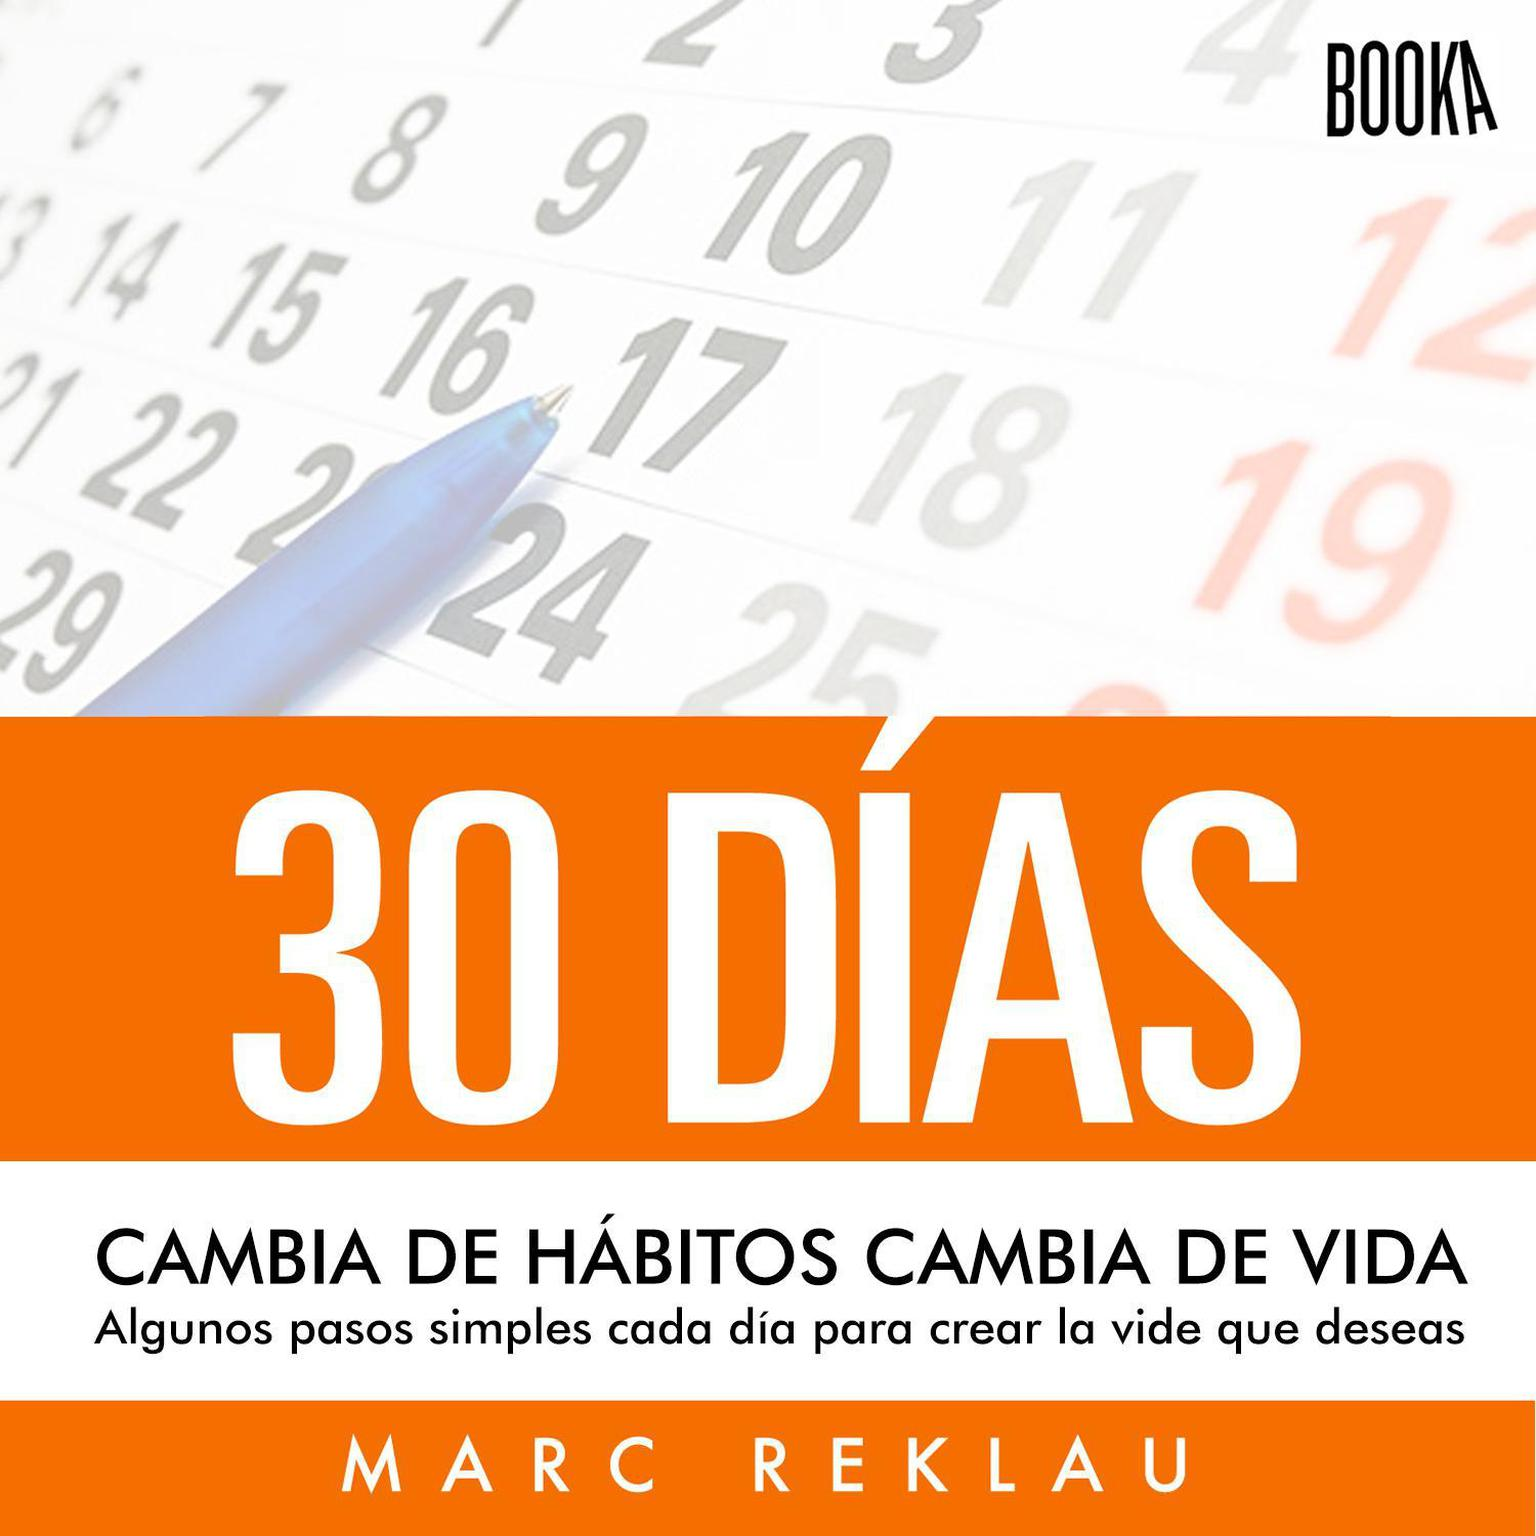 30 Días: Cambia de hábitos, cambia de vida Audiobook, by Marc Reklau